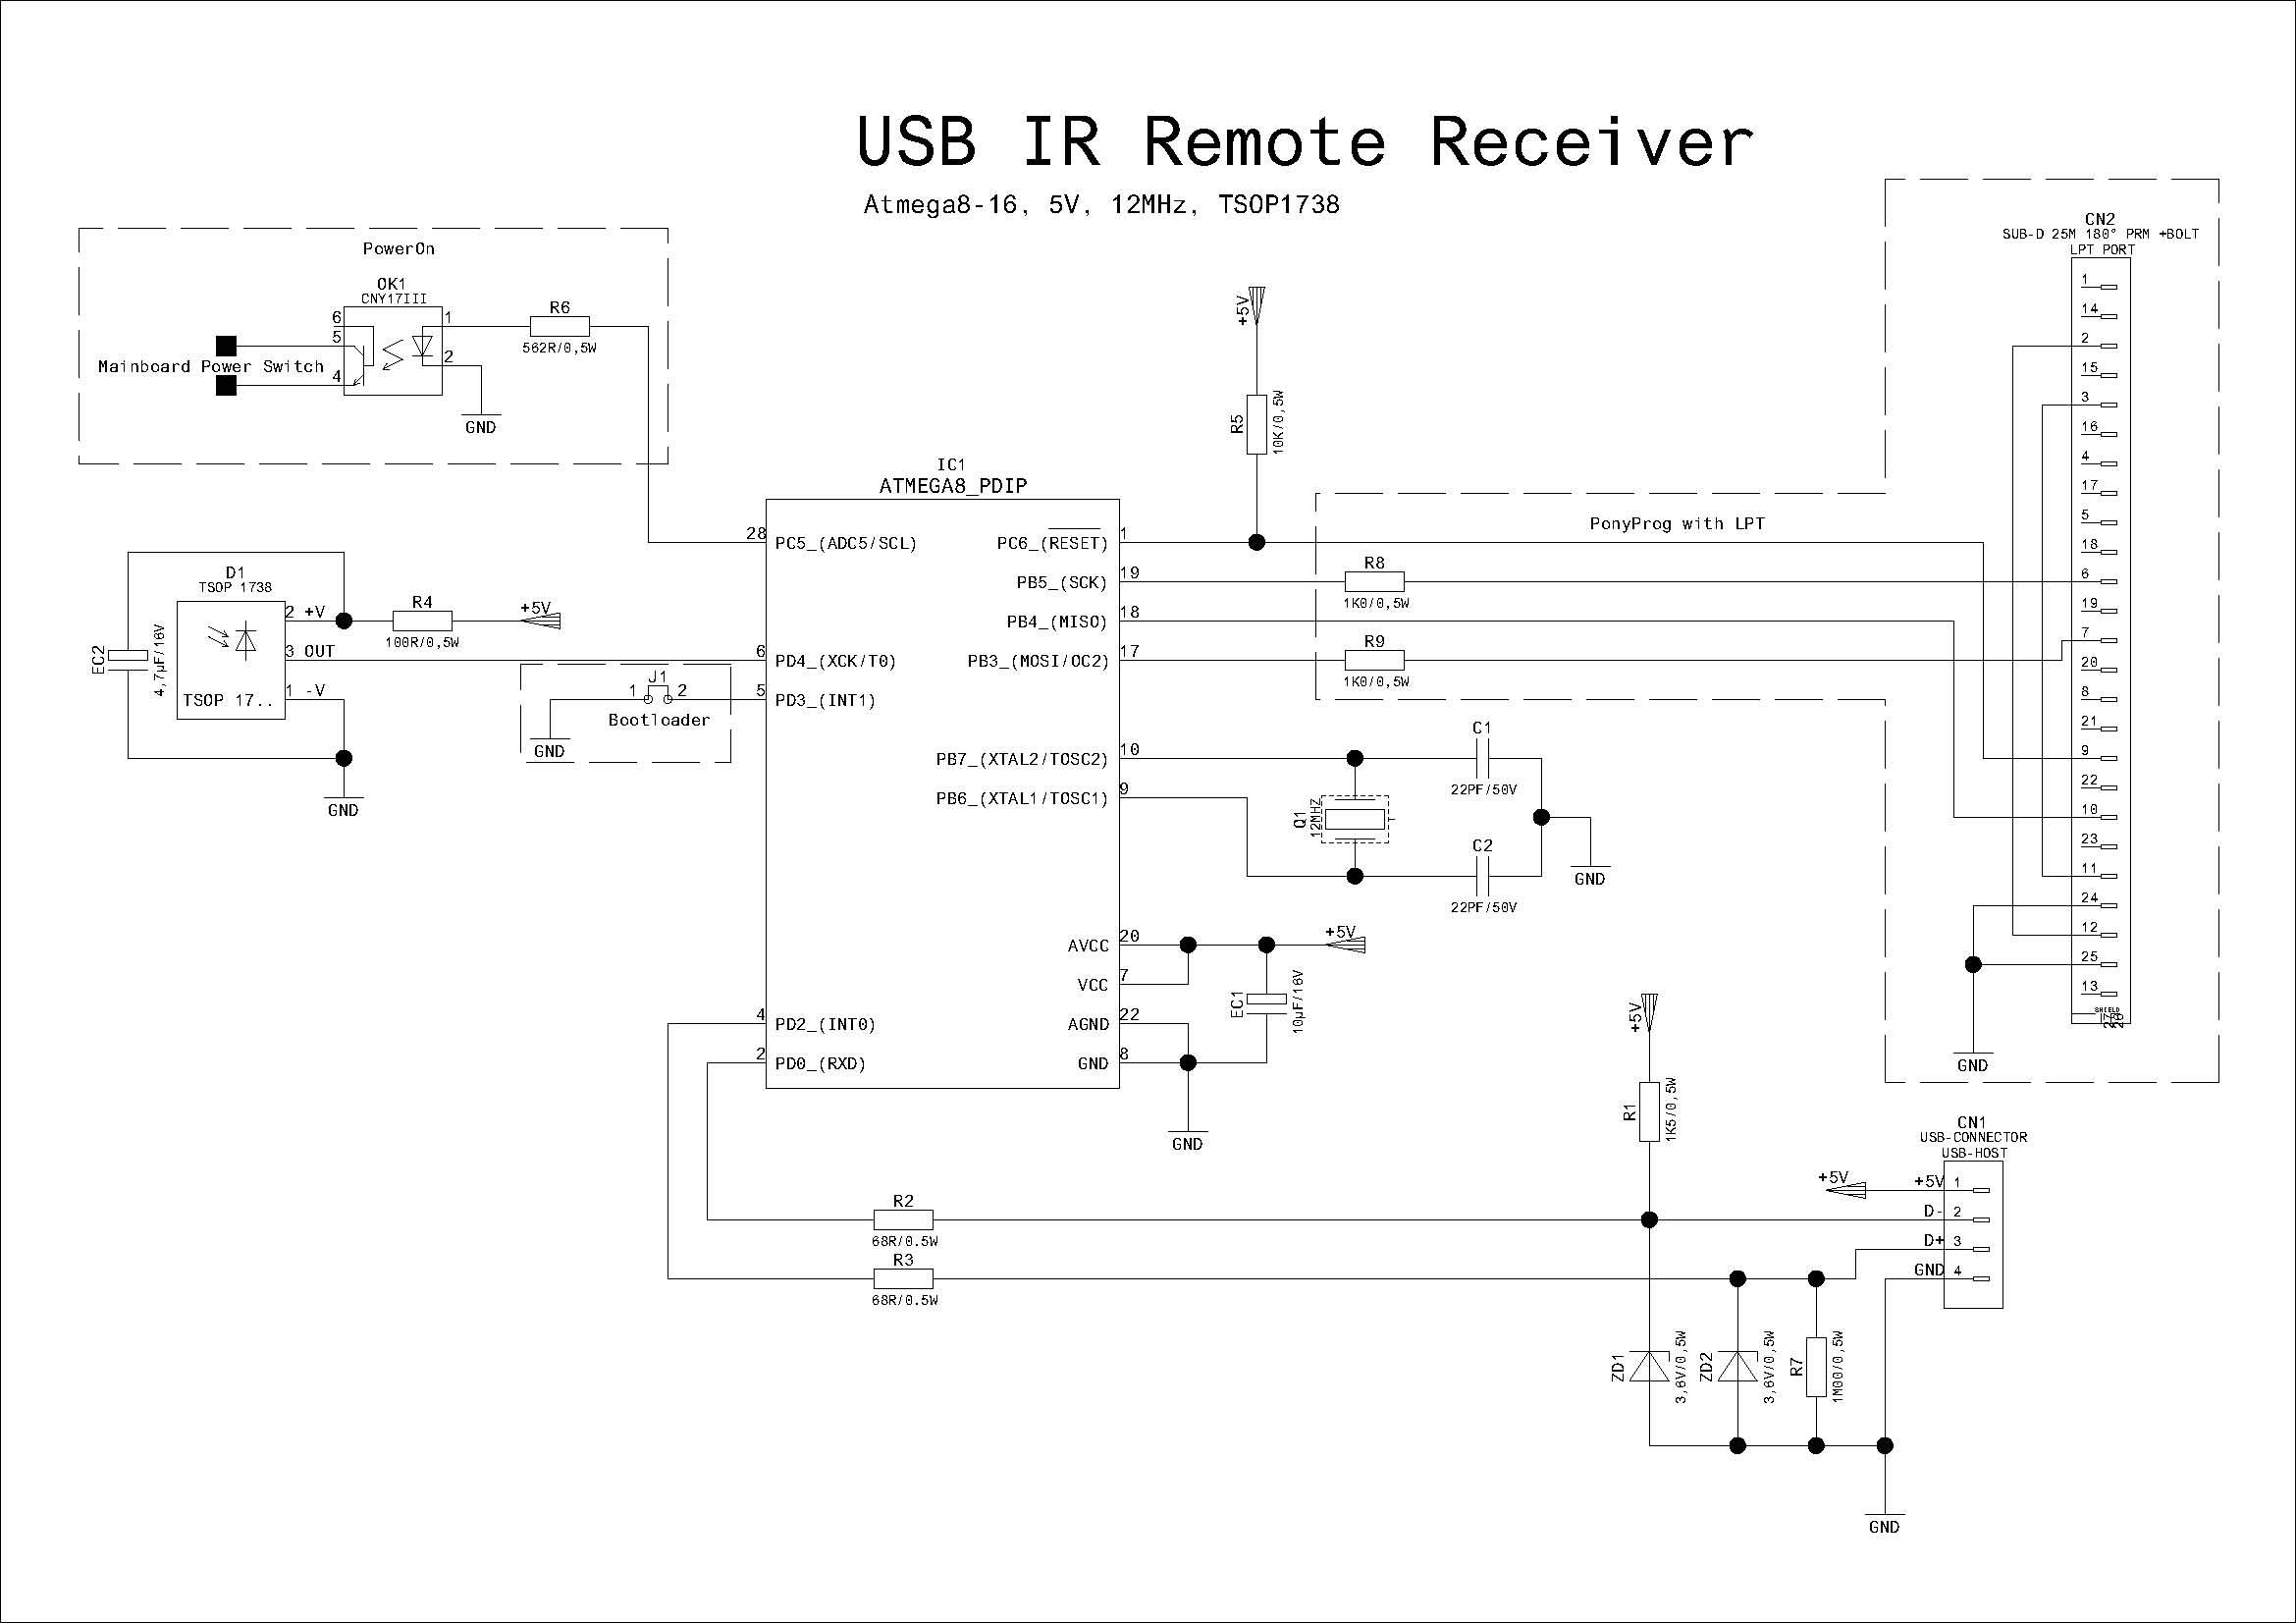 [Zlec�] Odbiornik IR na USB wed�ug za��czonego schematu